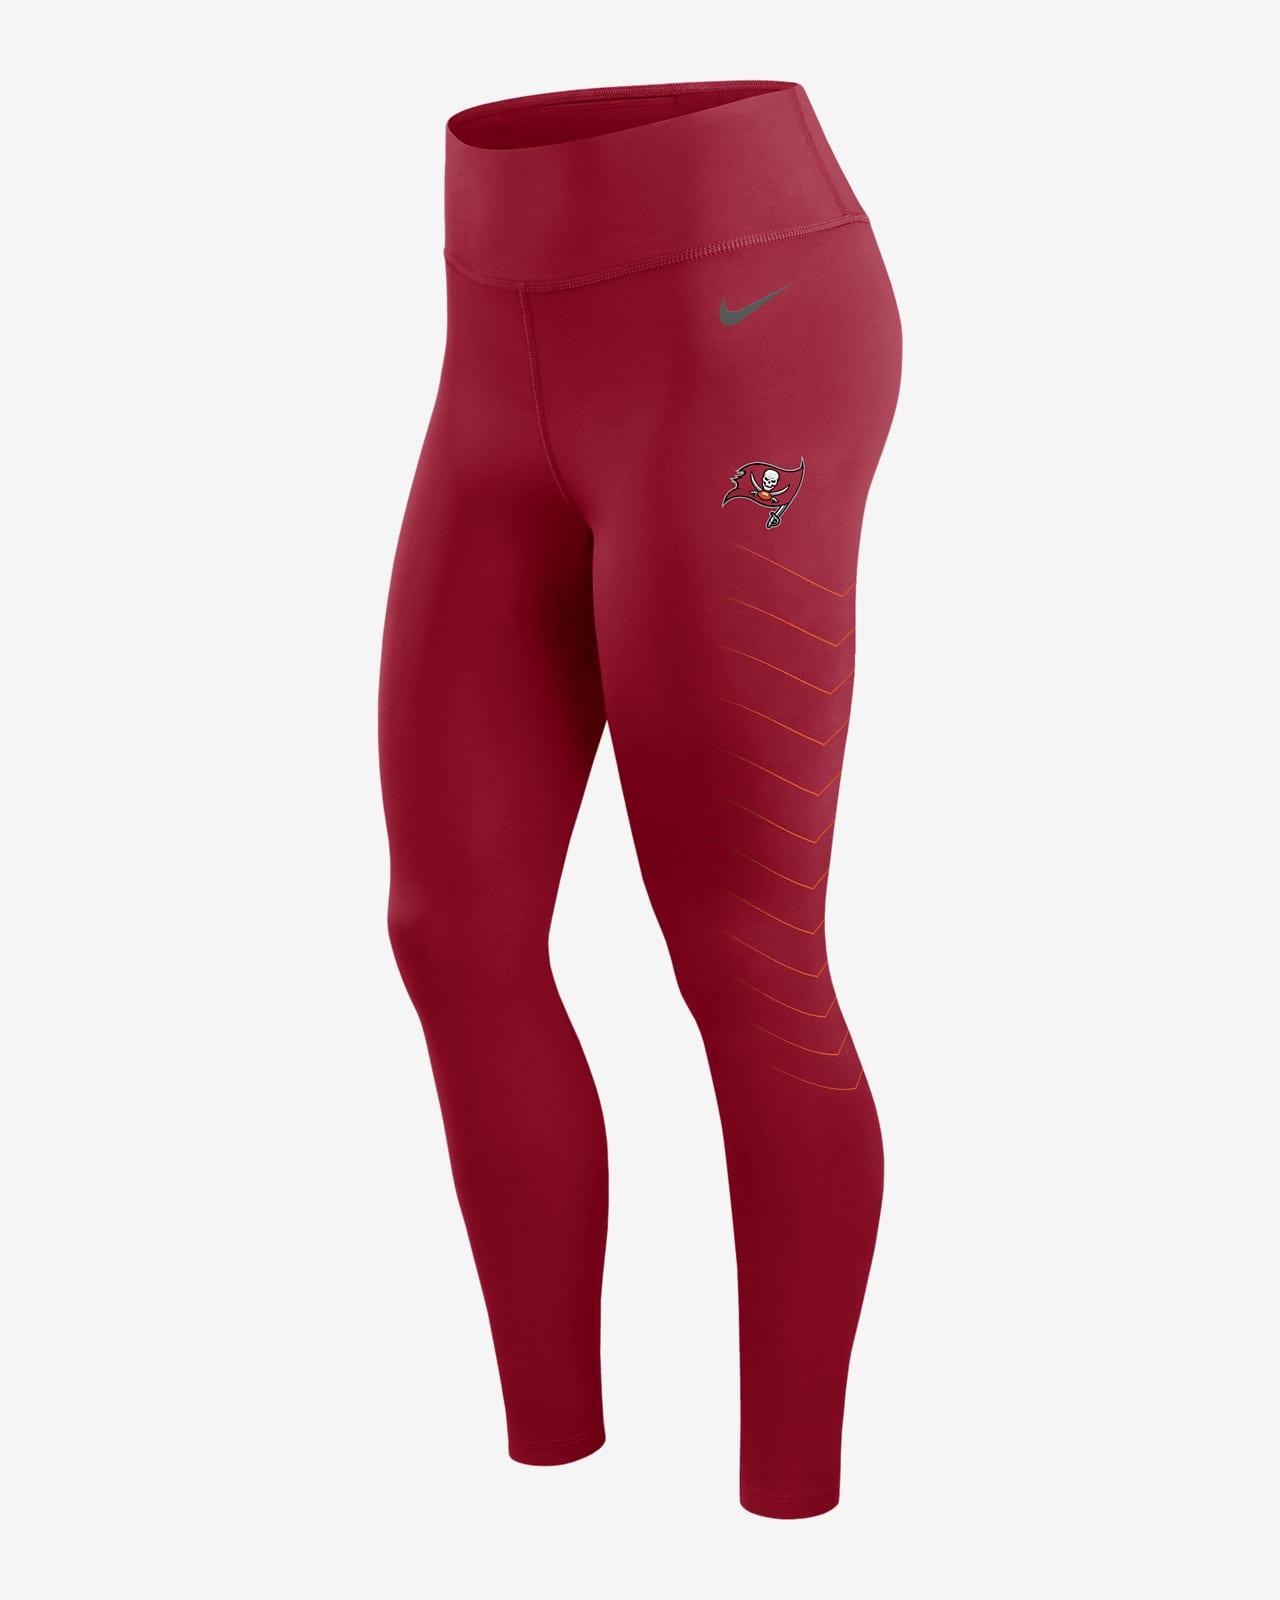 Leggings para mujer Nike Dri-FIT (NFL Tampa Bay Buccaneers)